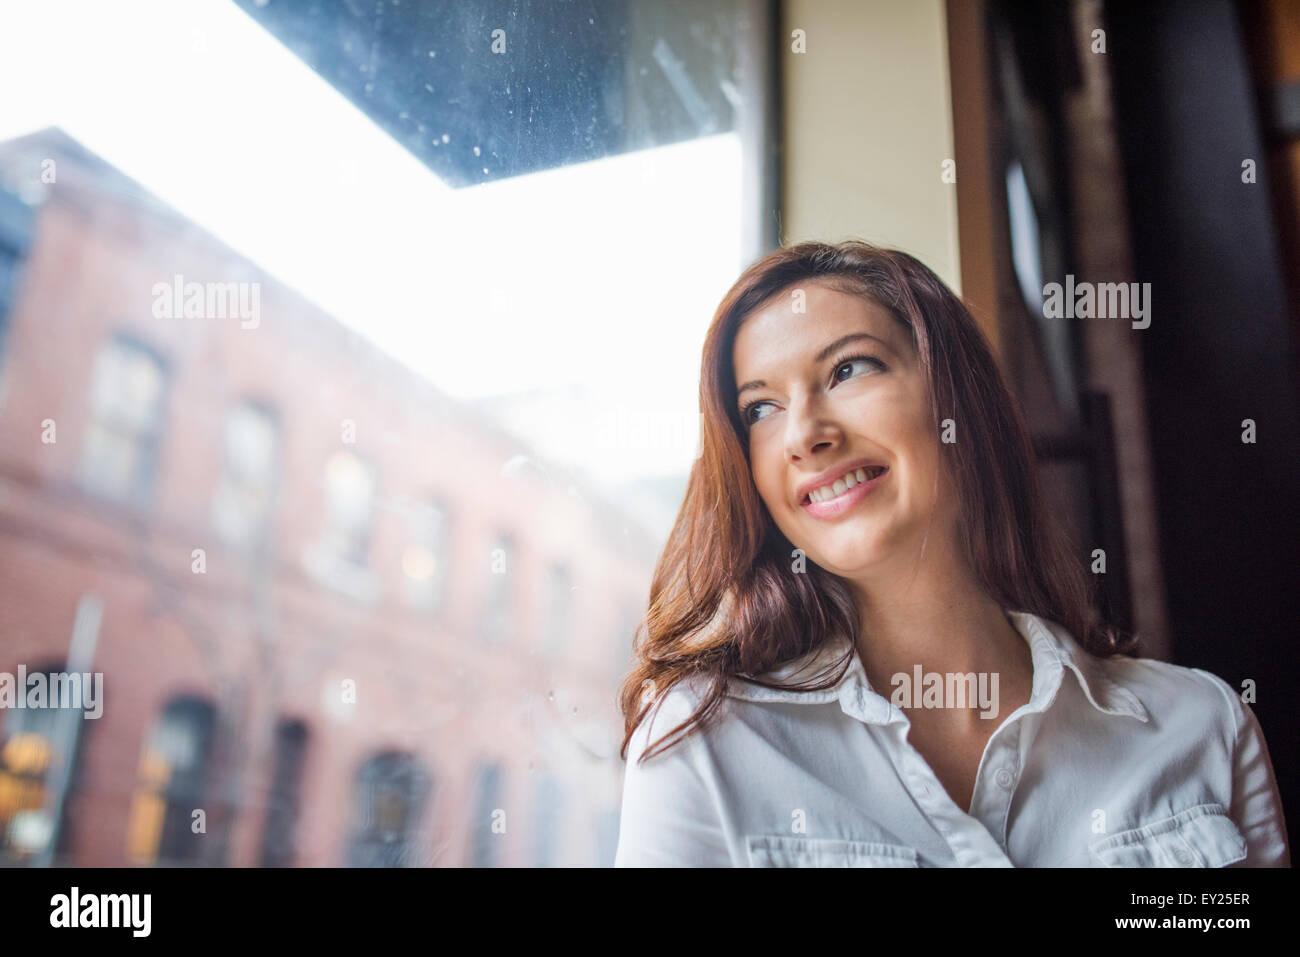 Retrato de mujer joven con largo cabello oscuro, sonriente, bajo ángulo de visión Foto de stock